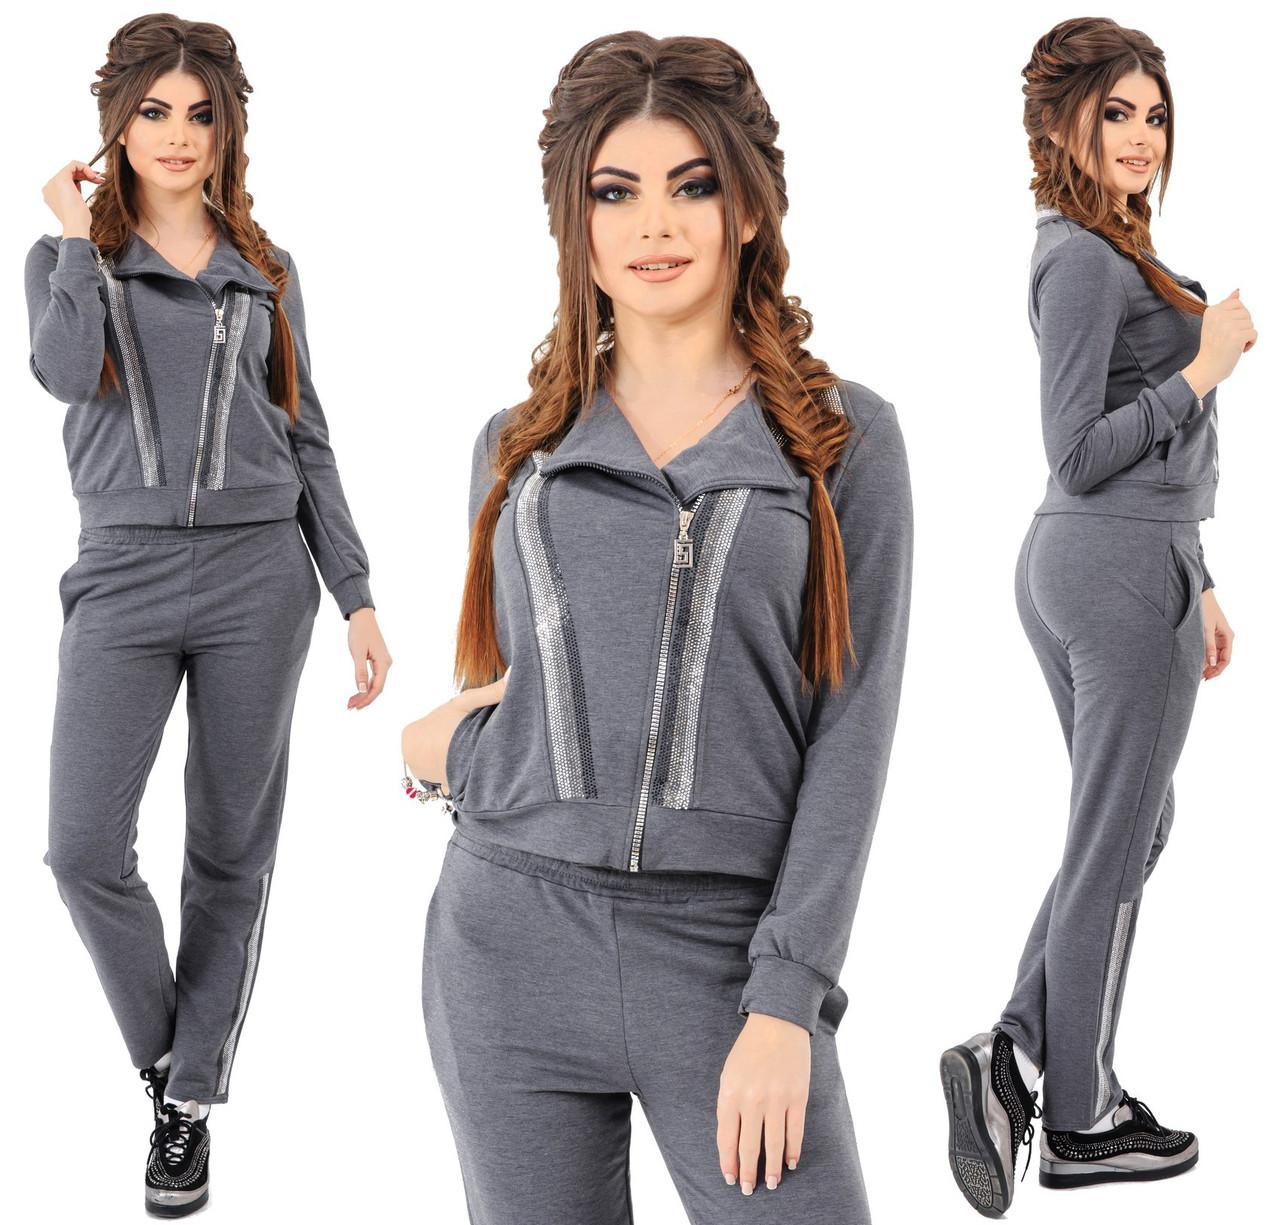 75d9d636aa9f Модный спортивный костюм со стразами. Серый, 4 цвета. Р-ры  42, 44 ...